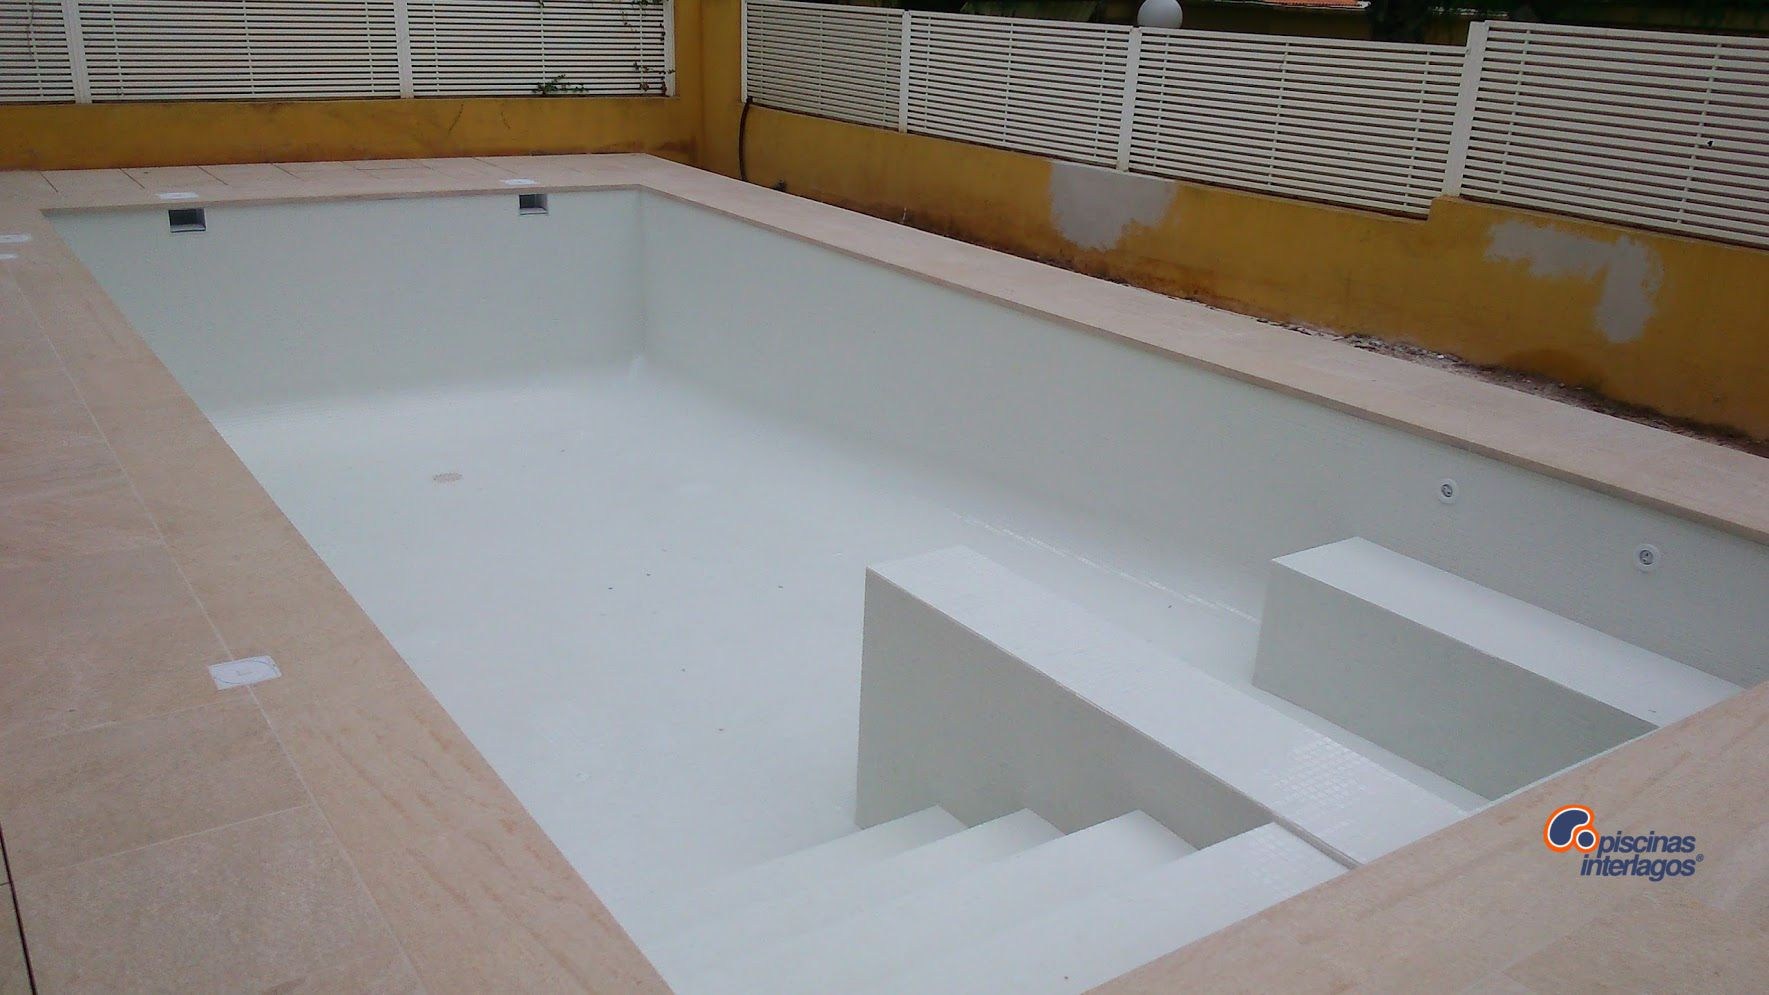 piscina realizada con gresite en blanco y corona en gres